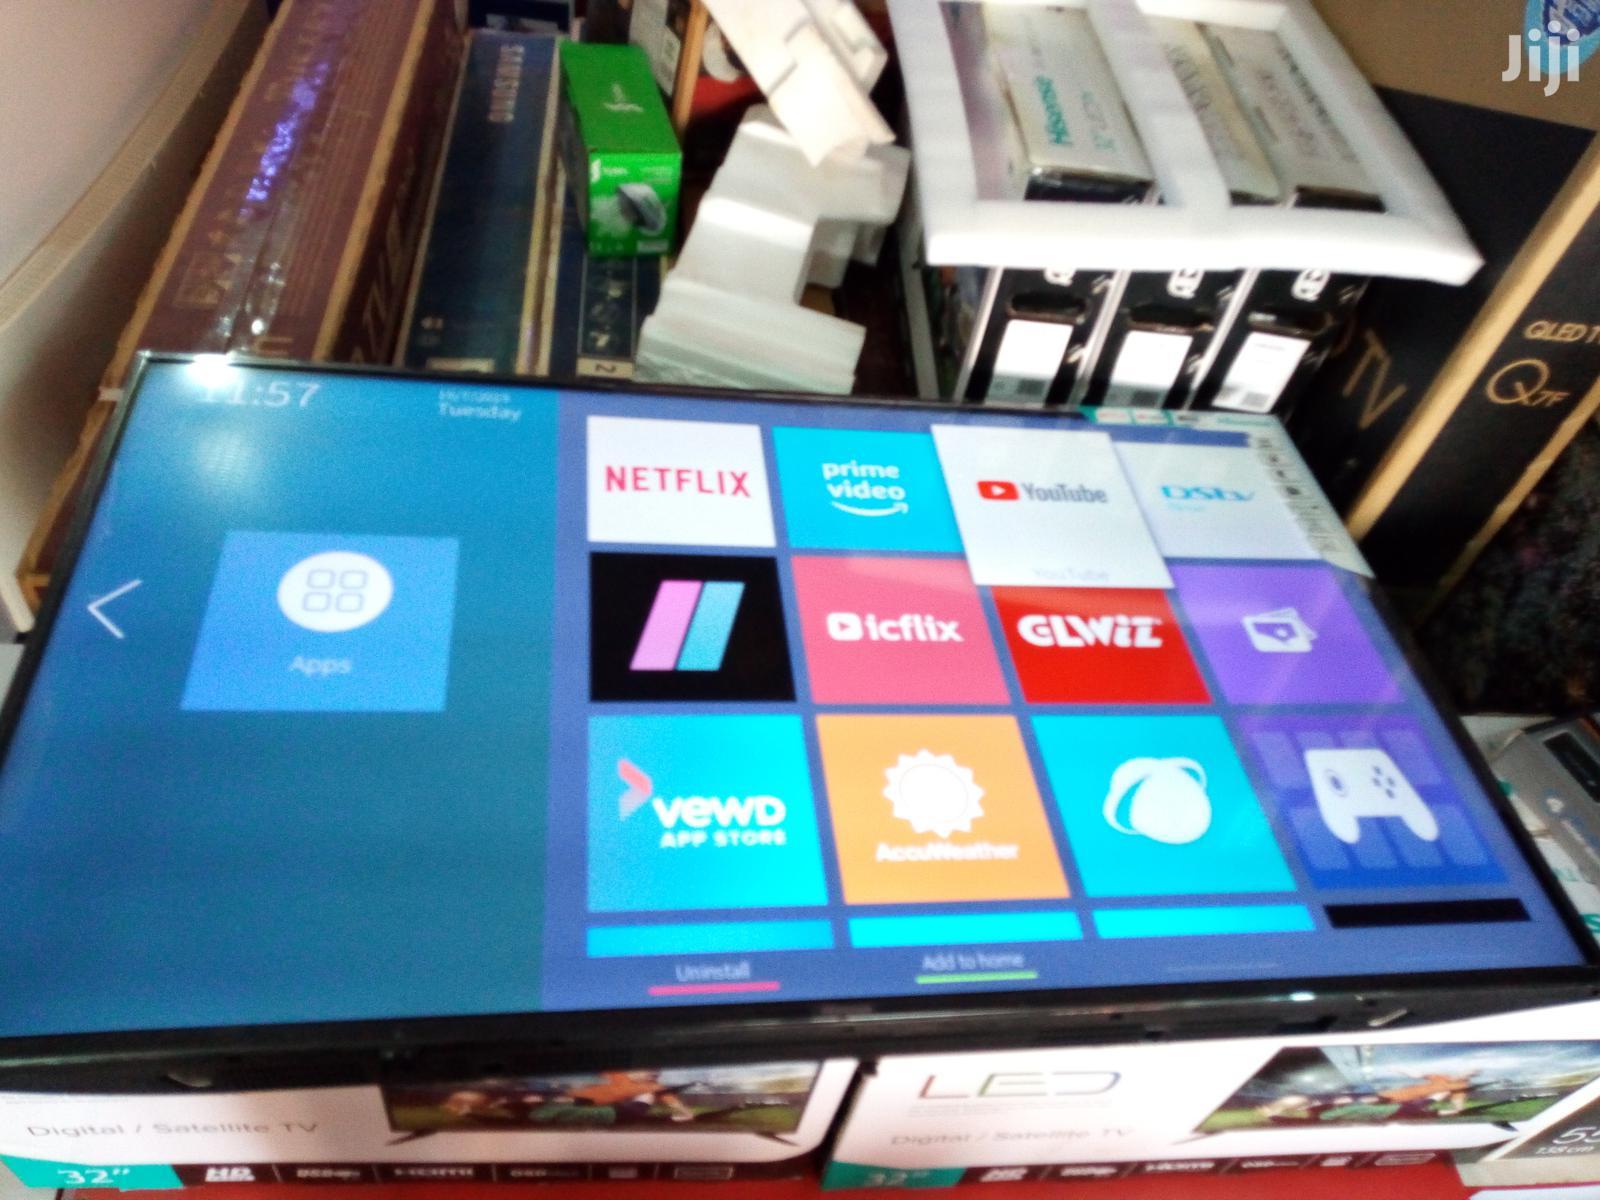 Hisense 4K Uhd Smart LED Tvs 55 Inches